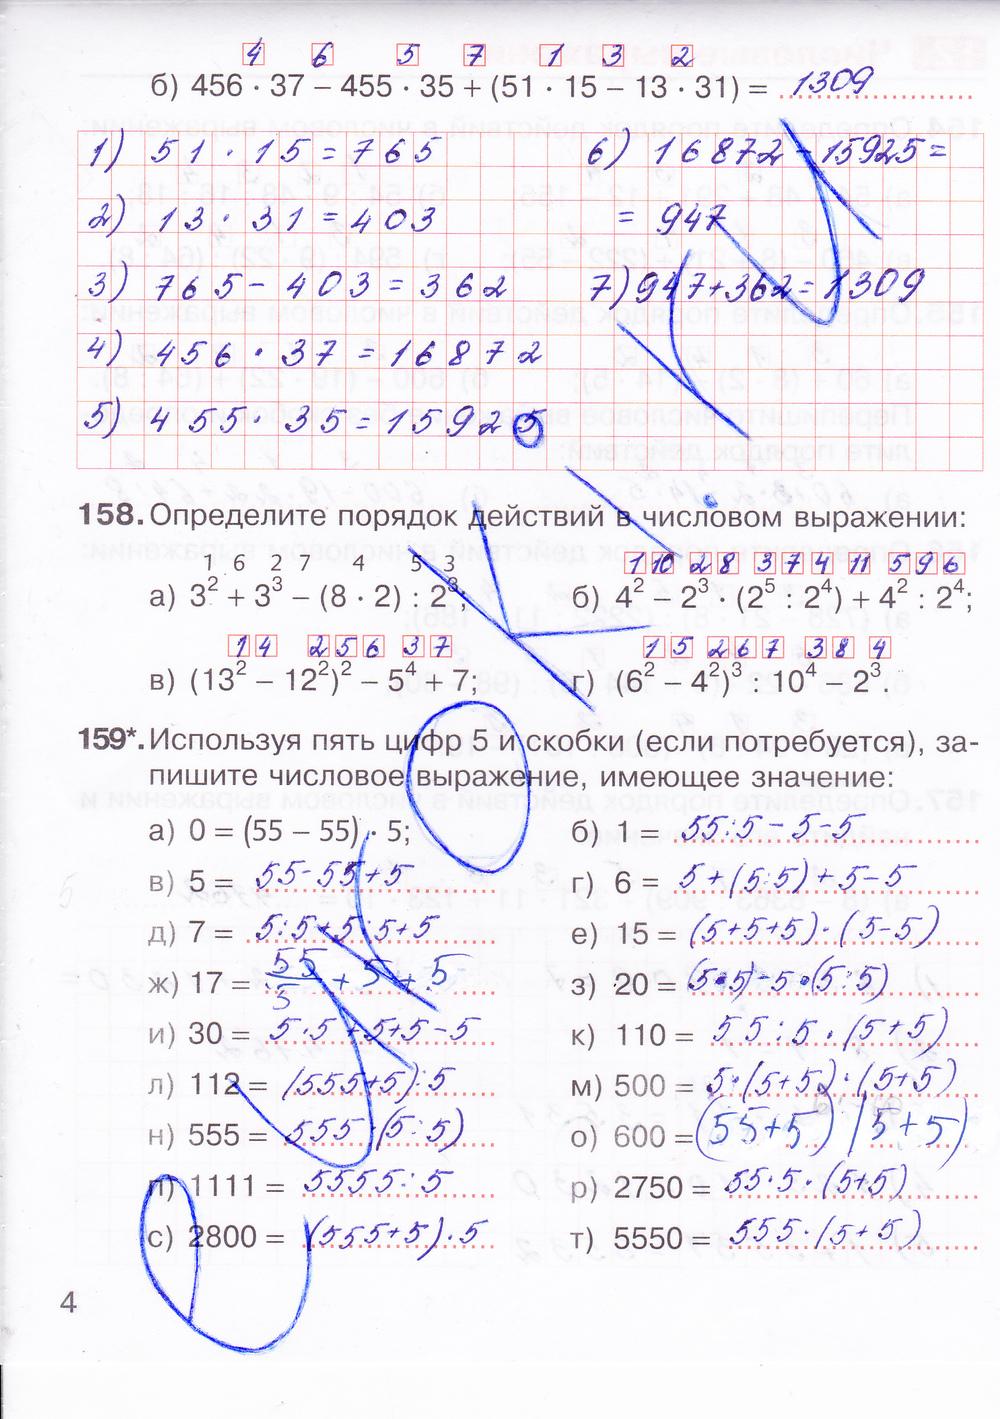 гдз по математике 5 класс м к потапов а в шевкин